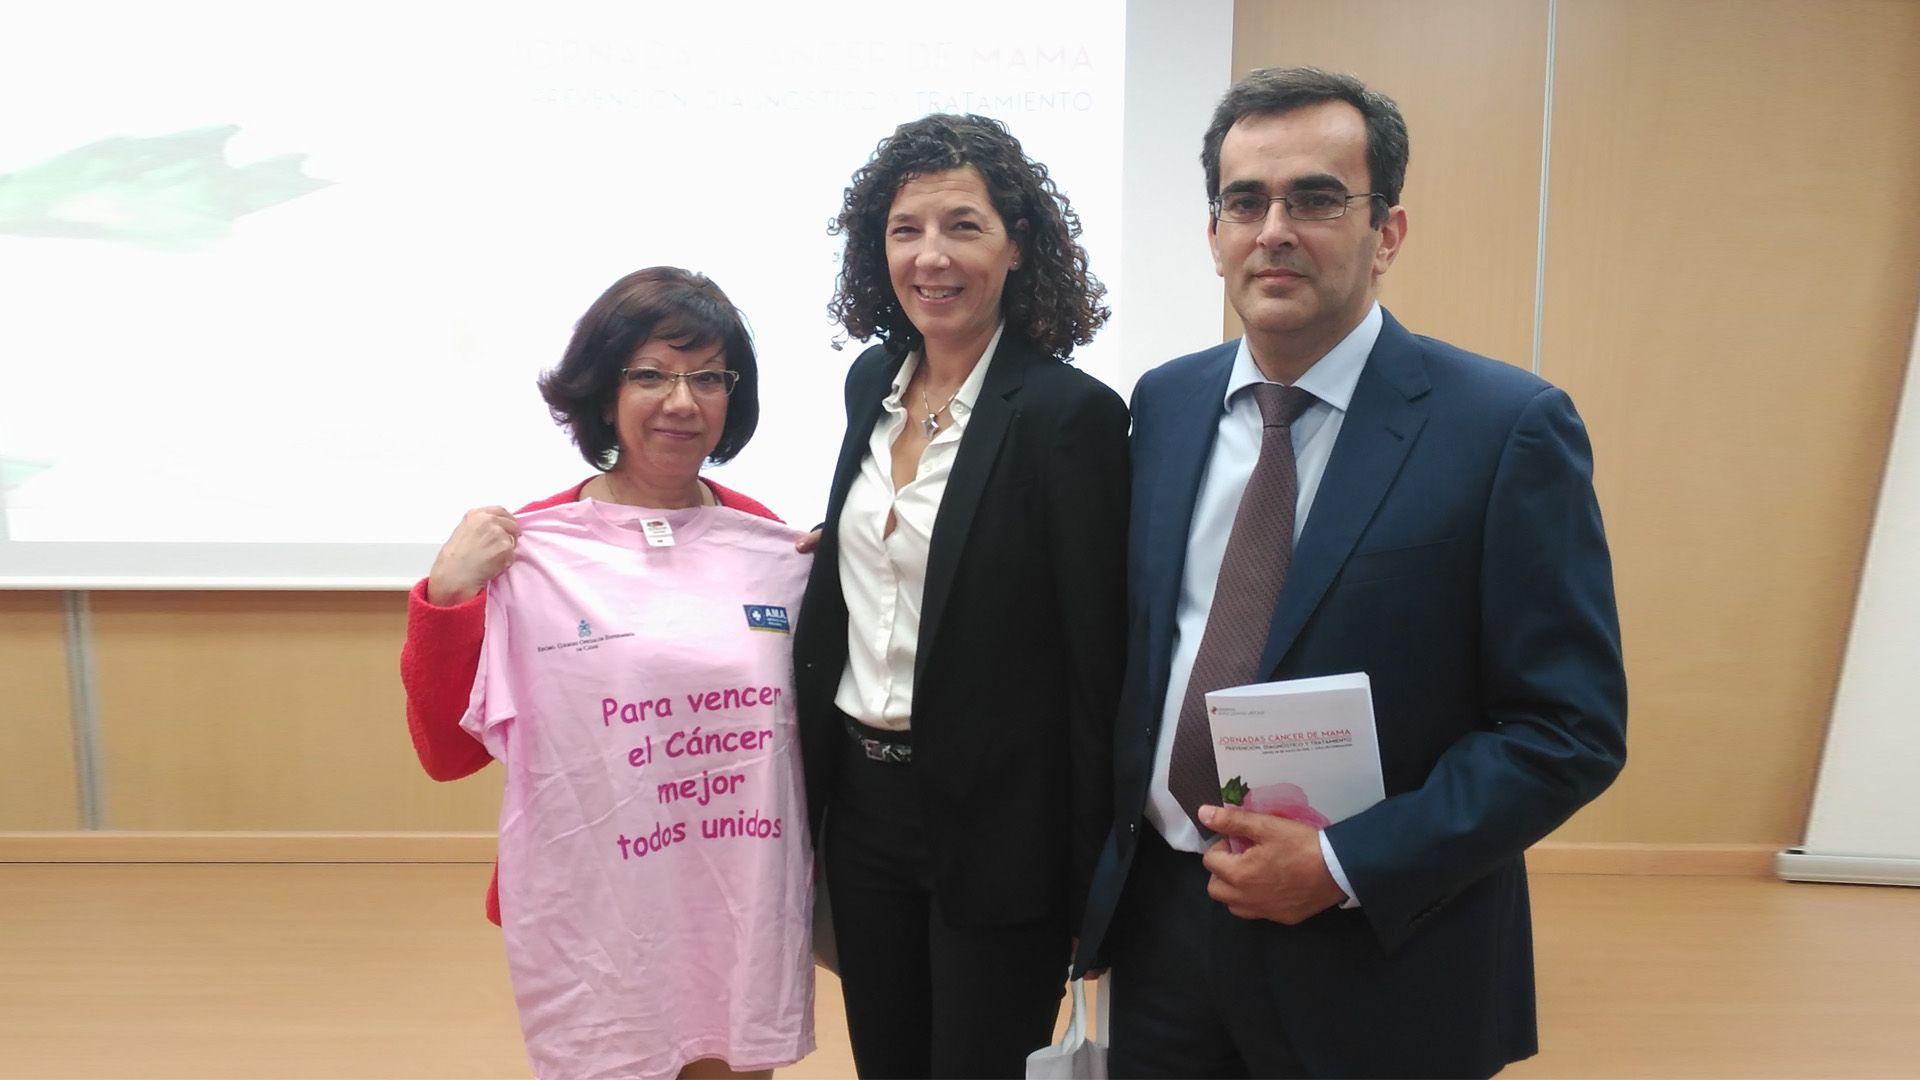 Carmen Collado, Teniente de Alcaldesa, Susana Ruiz, directora del Servicio de Enfermería y Manuel Carrillo, gerente del centro.